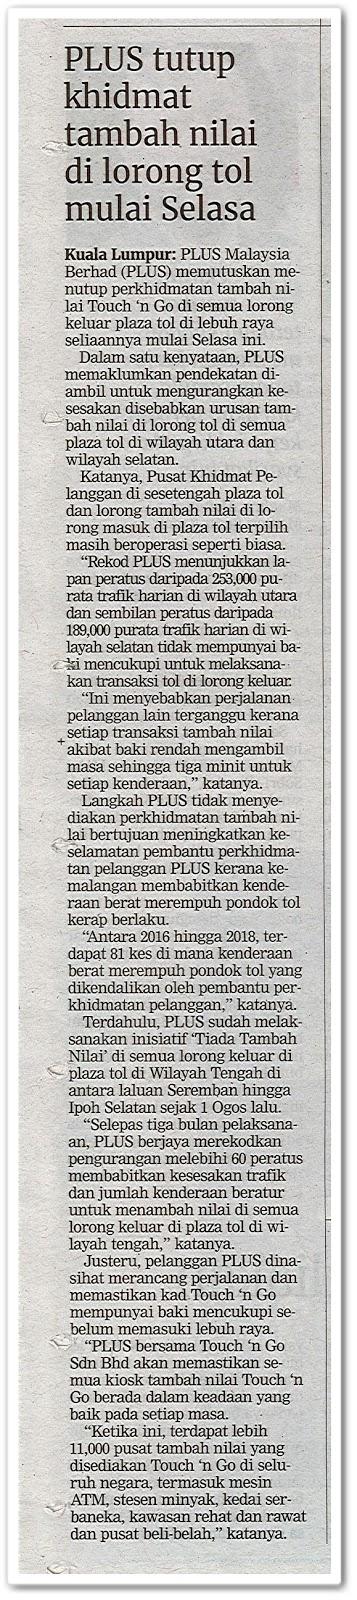 PLUS tutup khidmat tambah nilai di lorong tol mulai Selasa - Keratan akhbar Berita Harian 3 November 2019